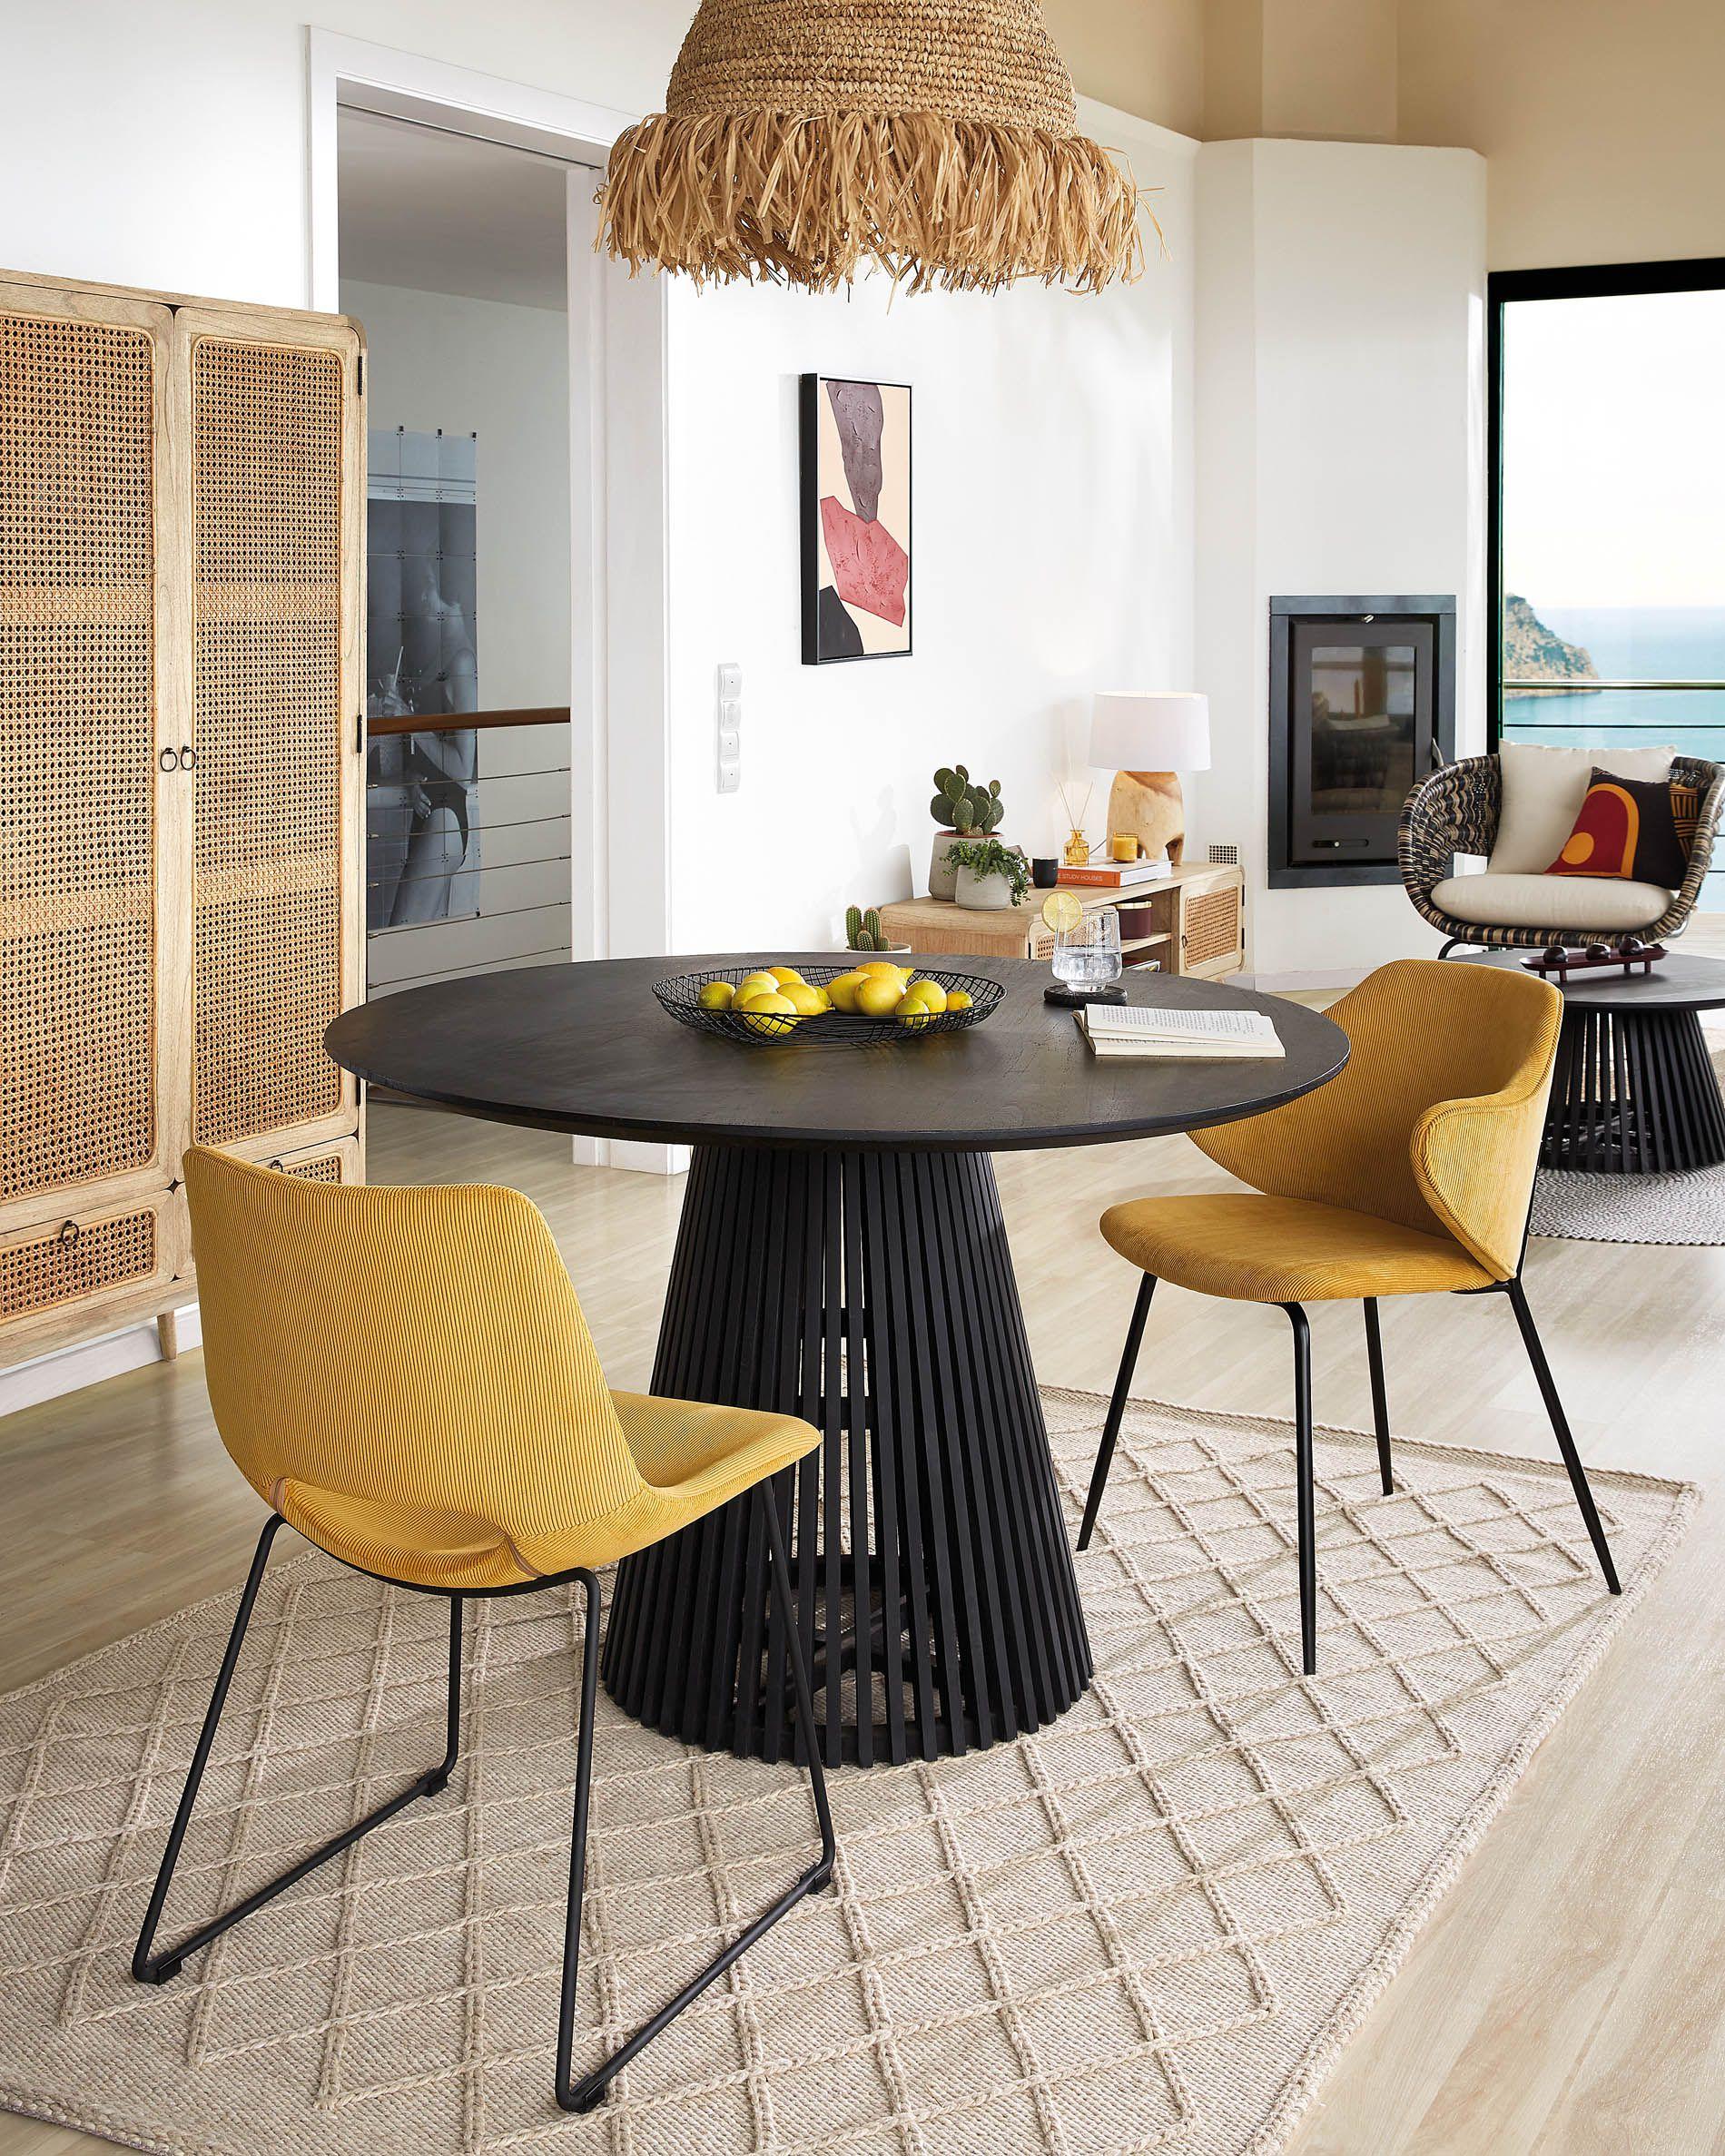 Jeanette Ø 120 Cm Black Table | Kave Home® concernant Kave Home